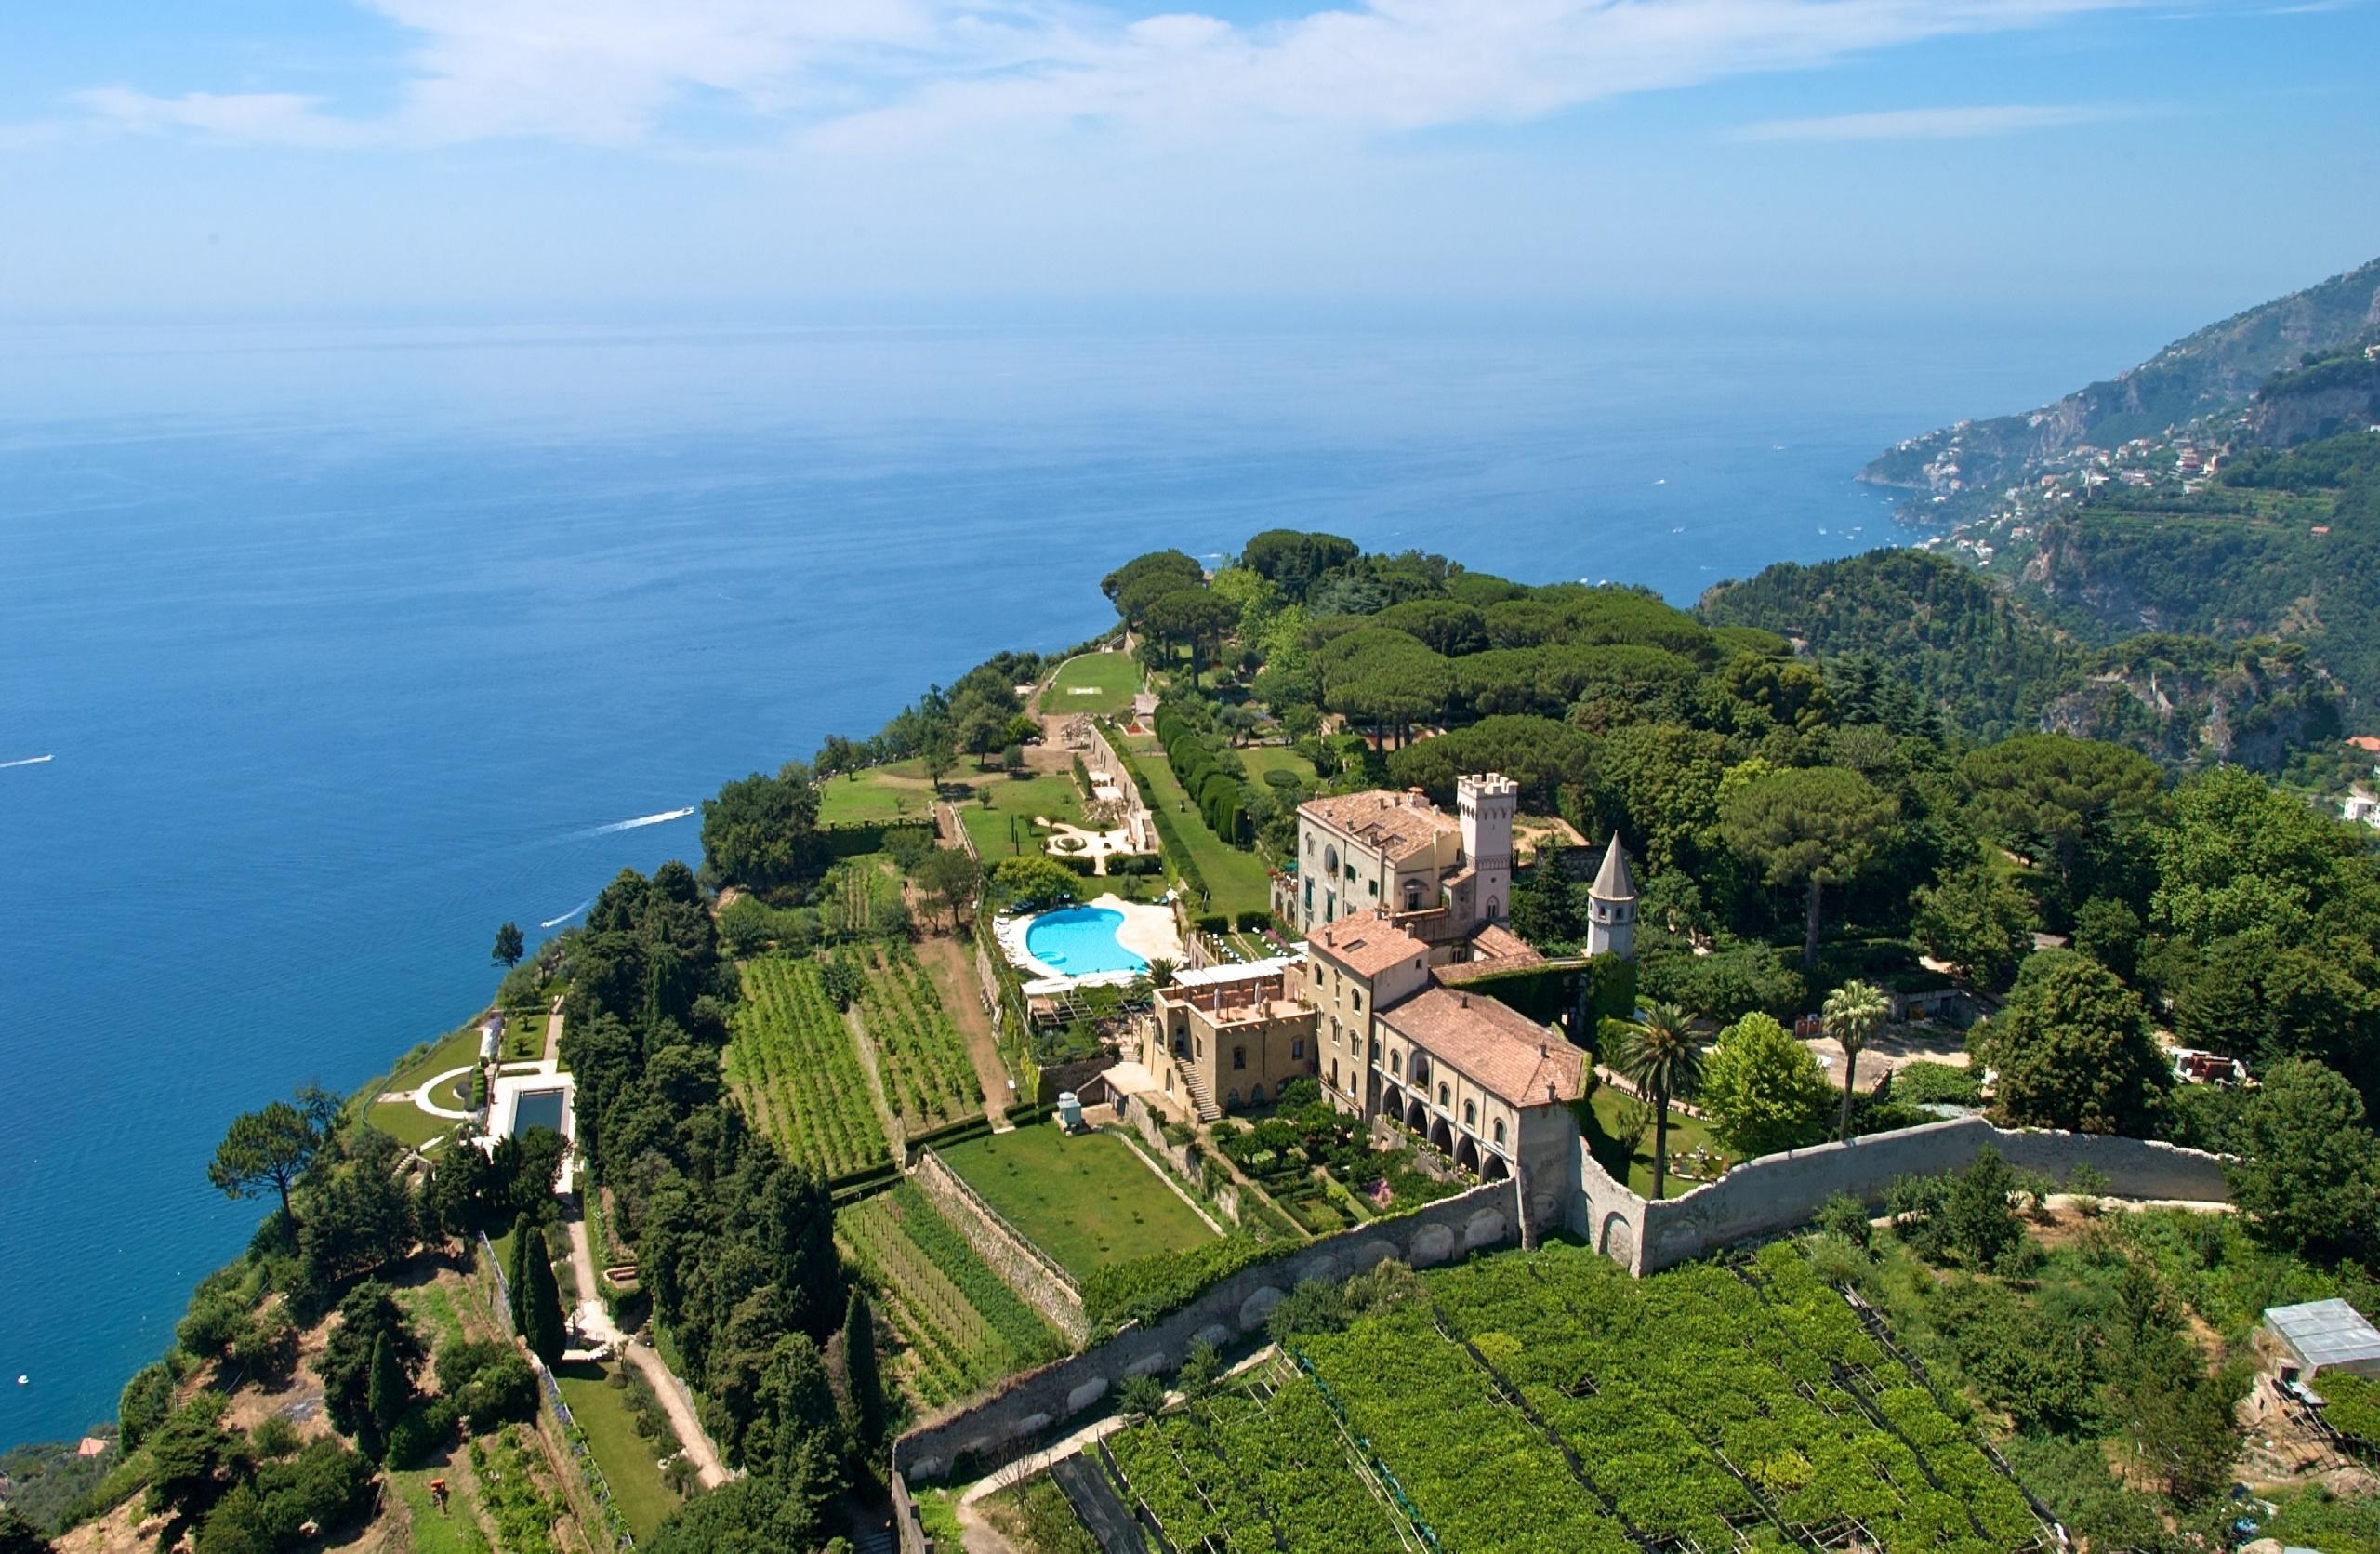 Champagne Vouette Et Sorb 233 E A Villa Cimbrone Associazione Italiana Sommelier Campania